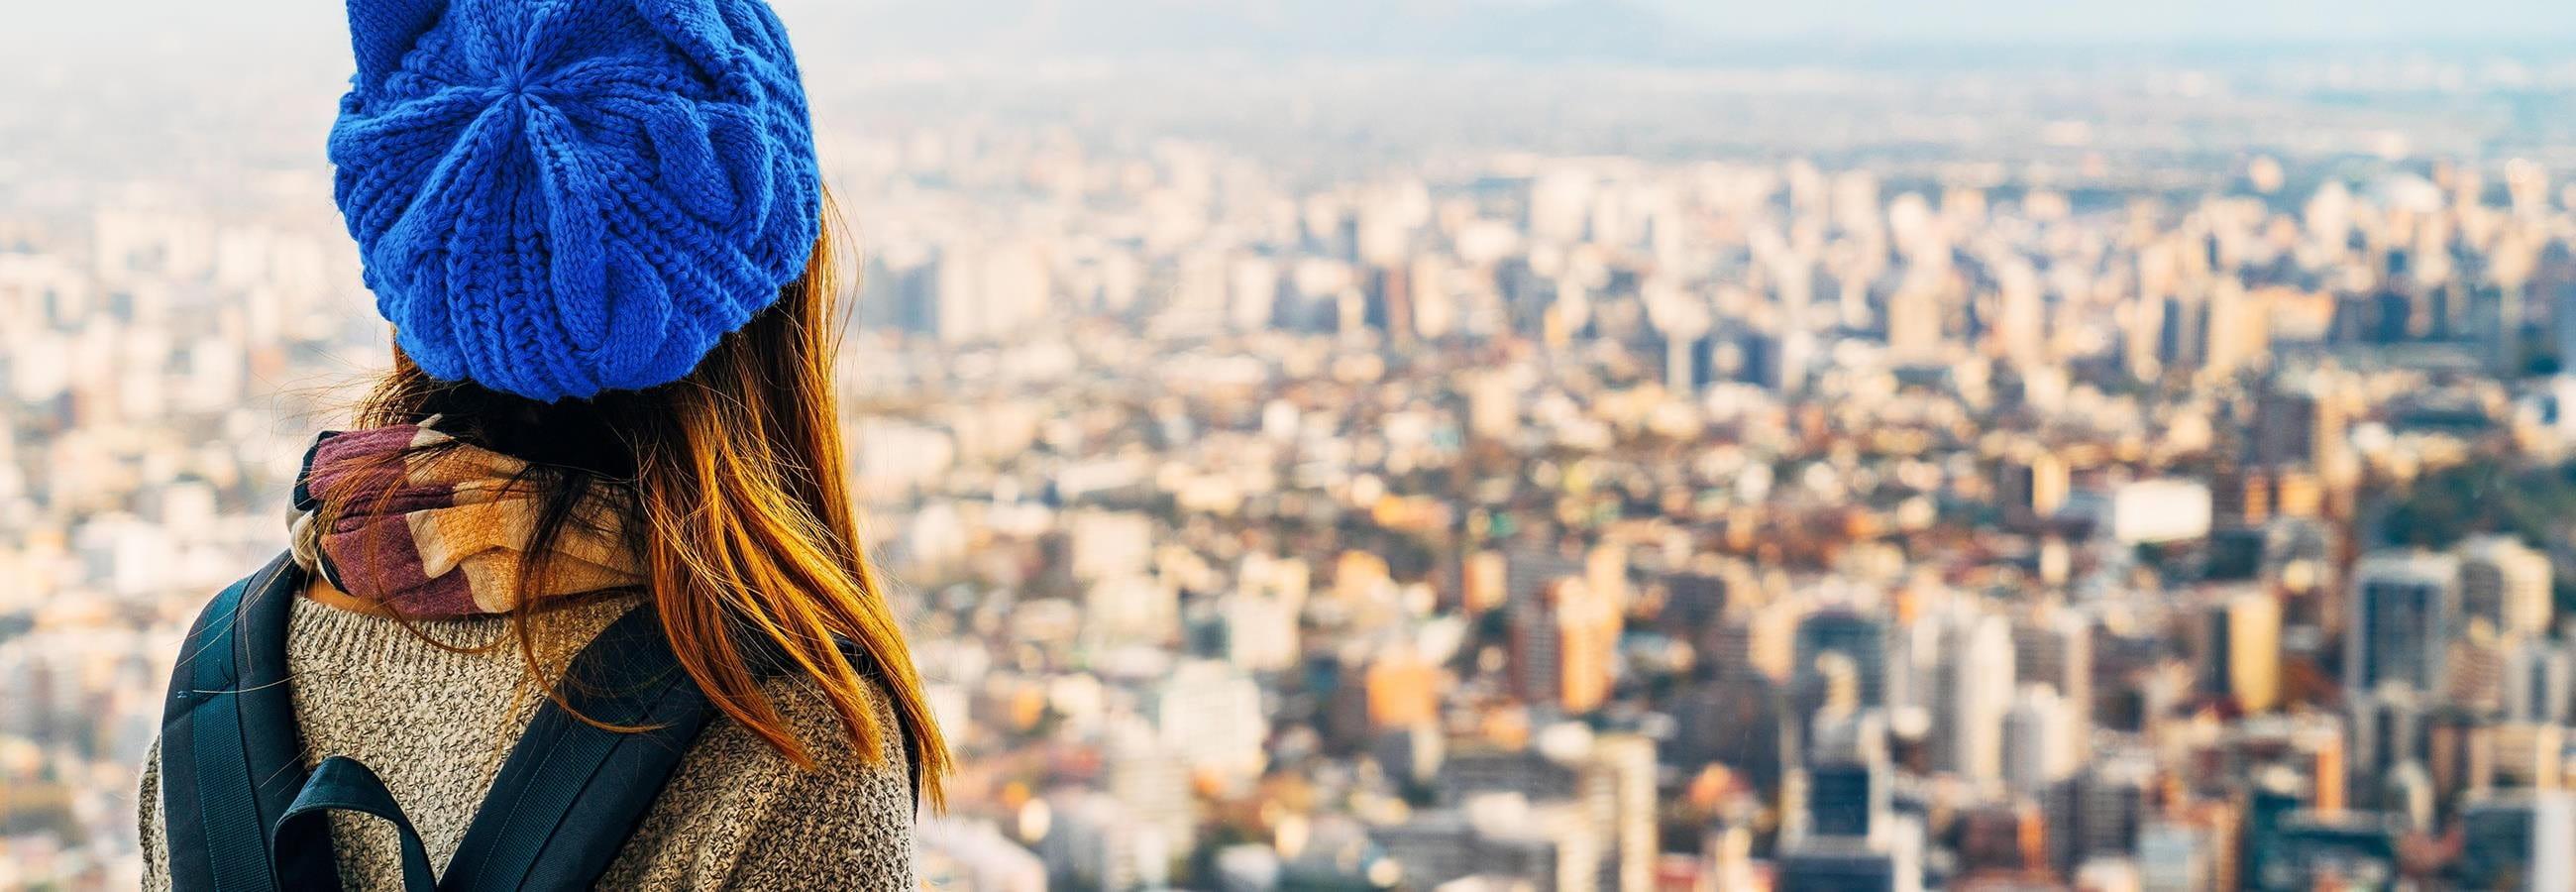 Frau schaut auf eine Stadt